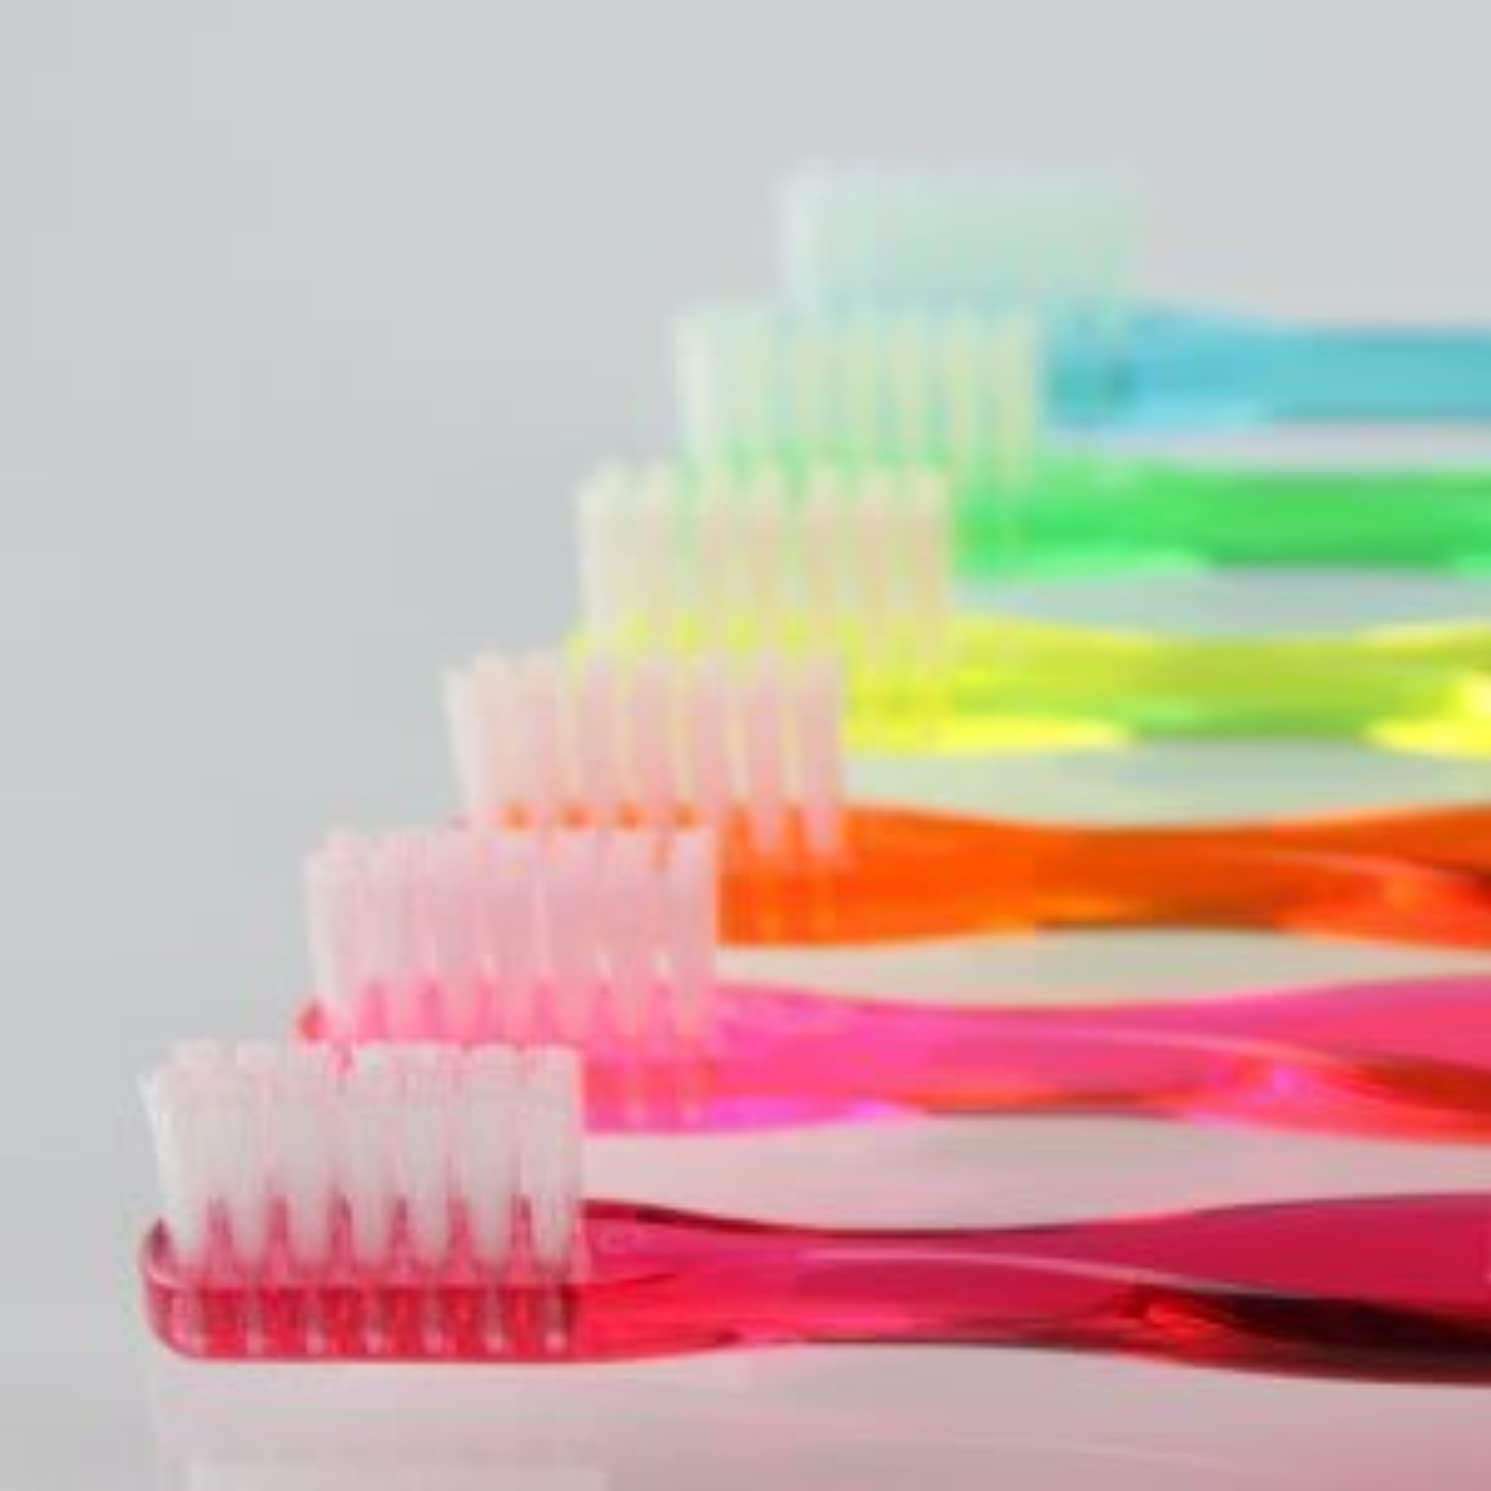 取るに足らない法王牧師サムフレンド 歯ブラシ #20(ミニ) 6本 ※お色は当店お任せです